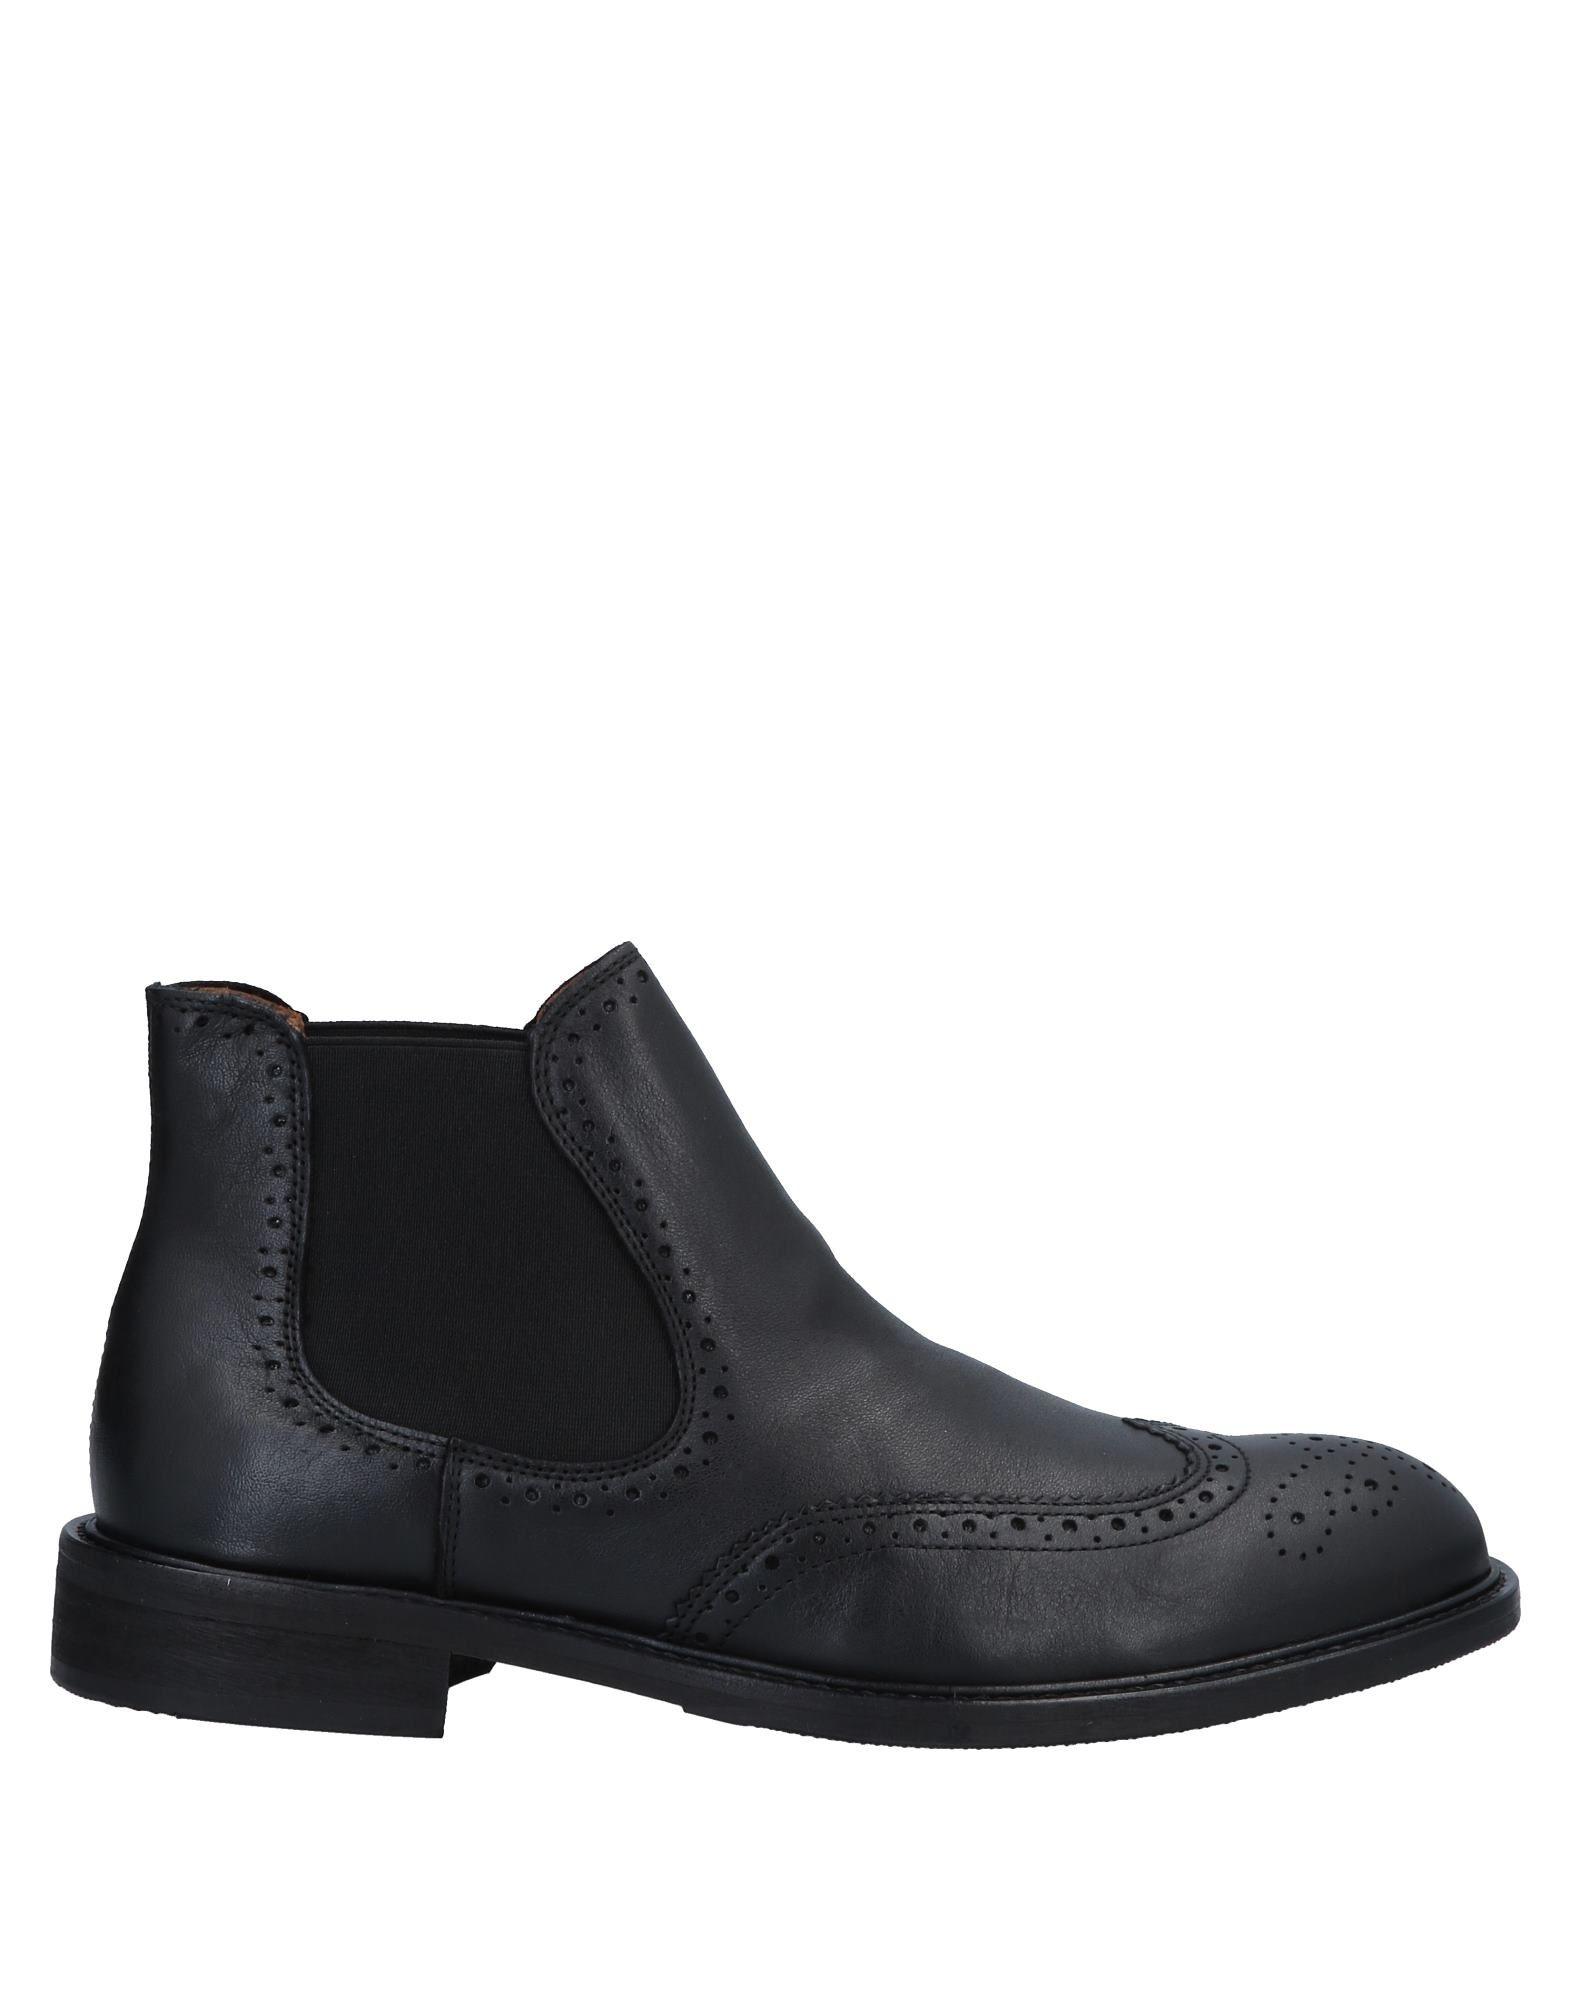 SELECTED HOMME Полусапоги и высокие ботинки одежда из кожи selected sld 412428004